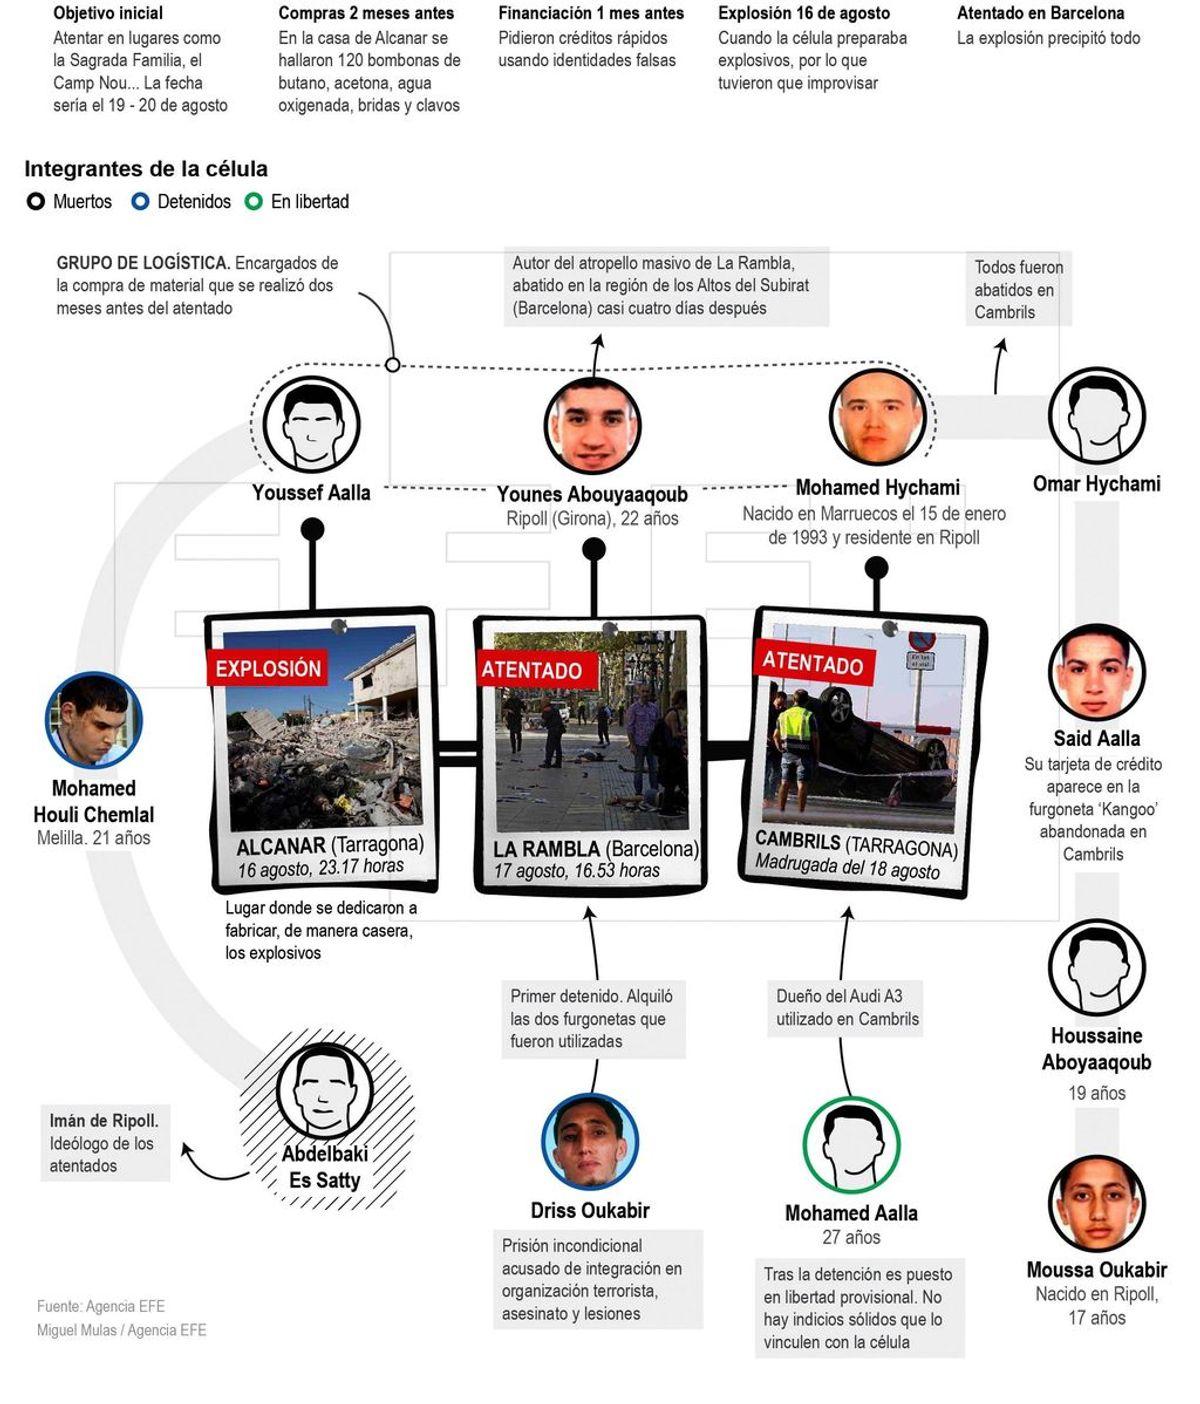 Radiografía de los atentados del 17A